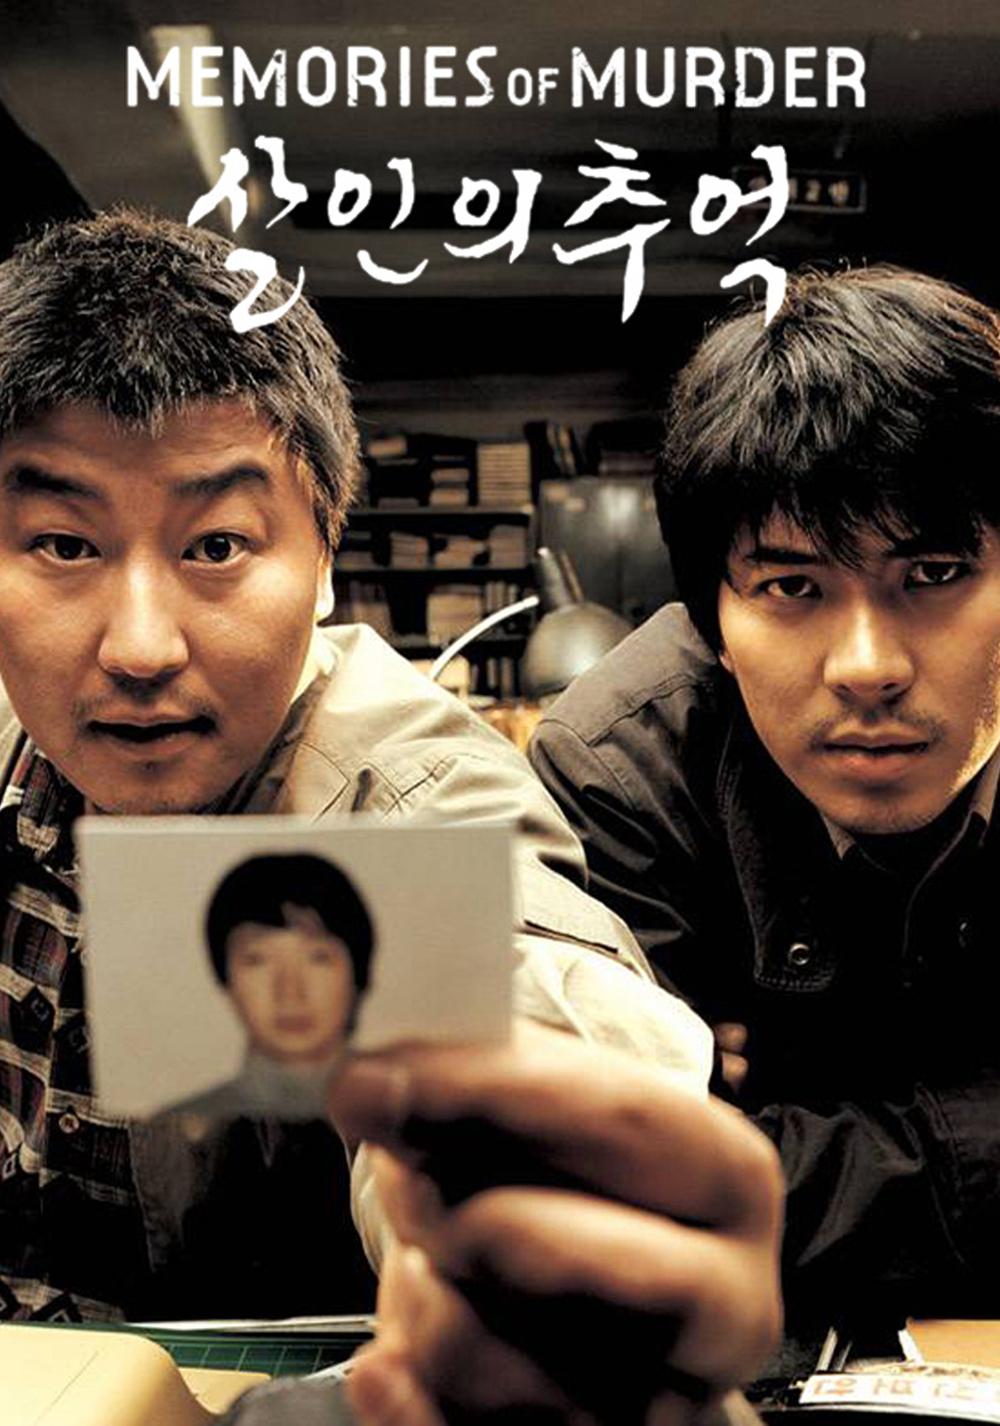 Hồi ức kẻ sát nhân - Salinui chueok (2003)